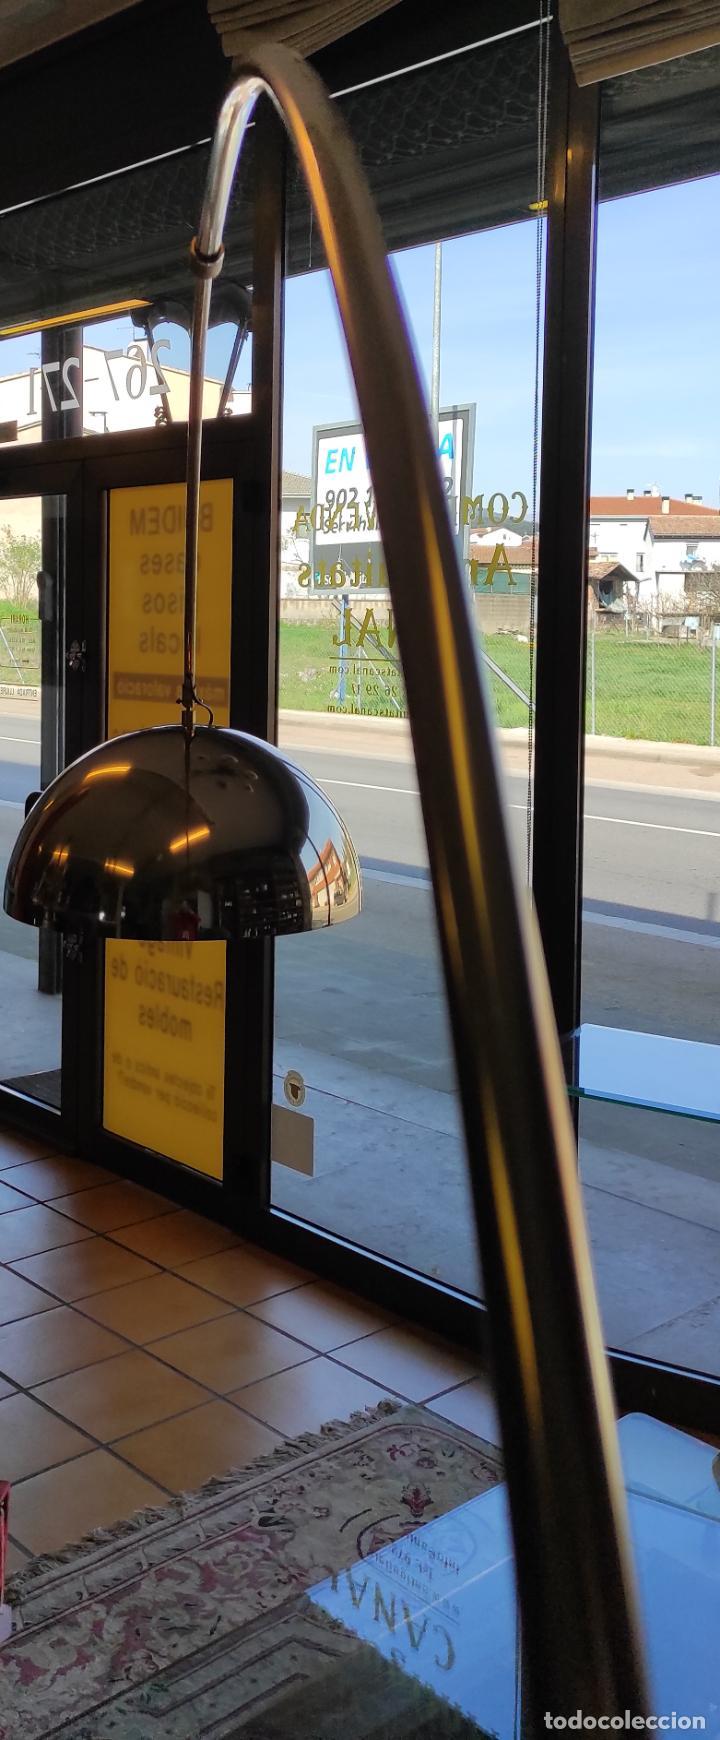 Vintage: Lámpara de Pie Grande en Arco - Latón - 2 Luces - Desmontable - Retro, Vintage - Foto 5 - 251196705